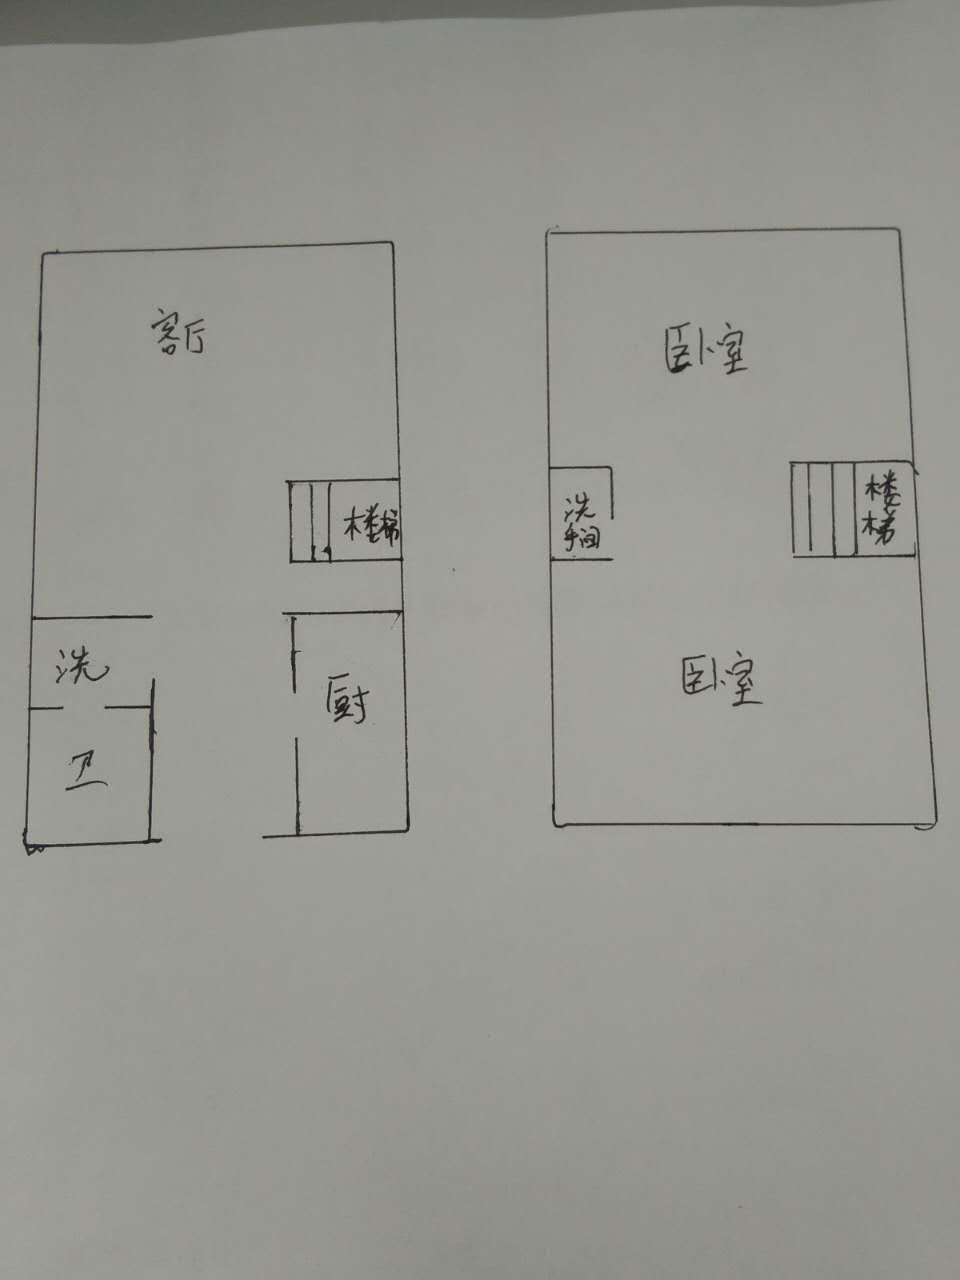 未来城 2室2厅 9楼